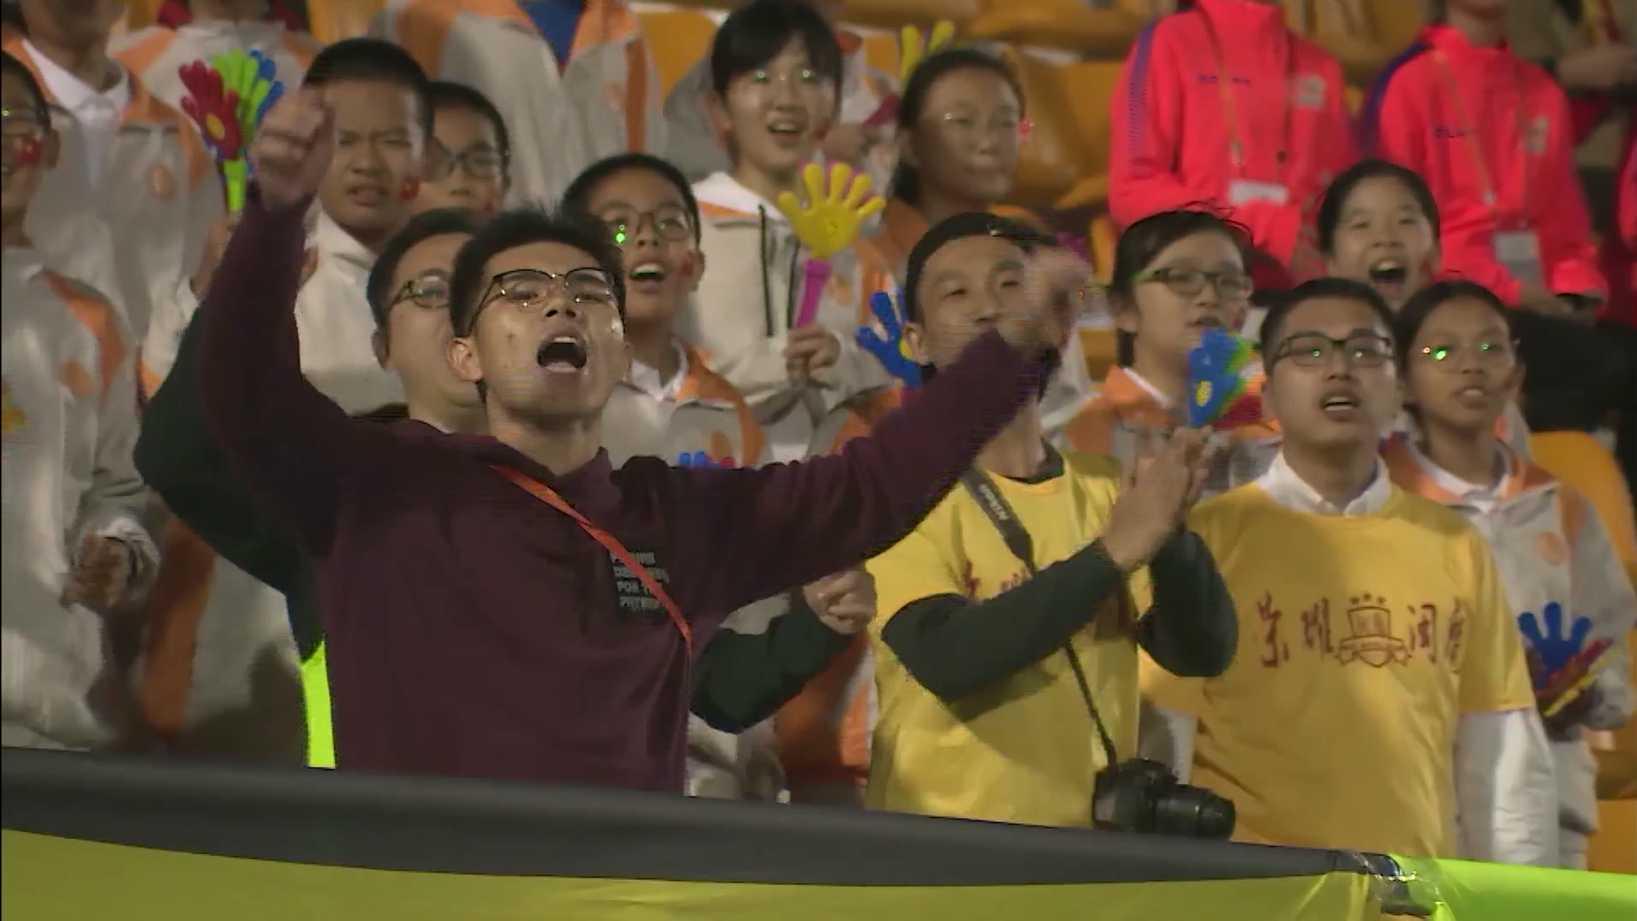 集锦Day6 | 北京师范大学17:0大胜洛桑大学,强势出线